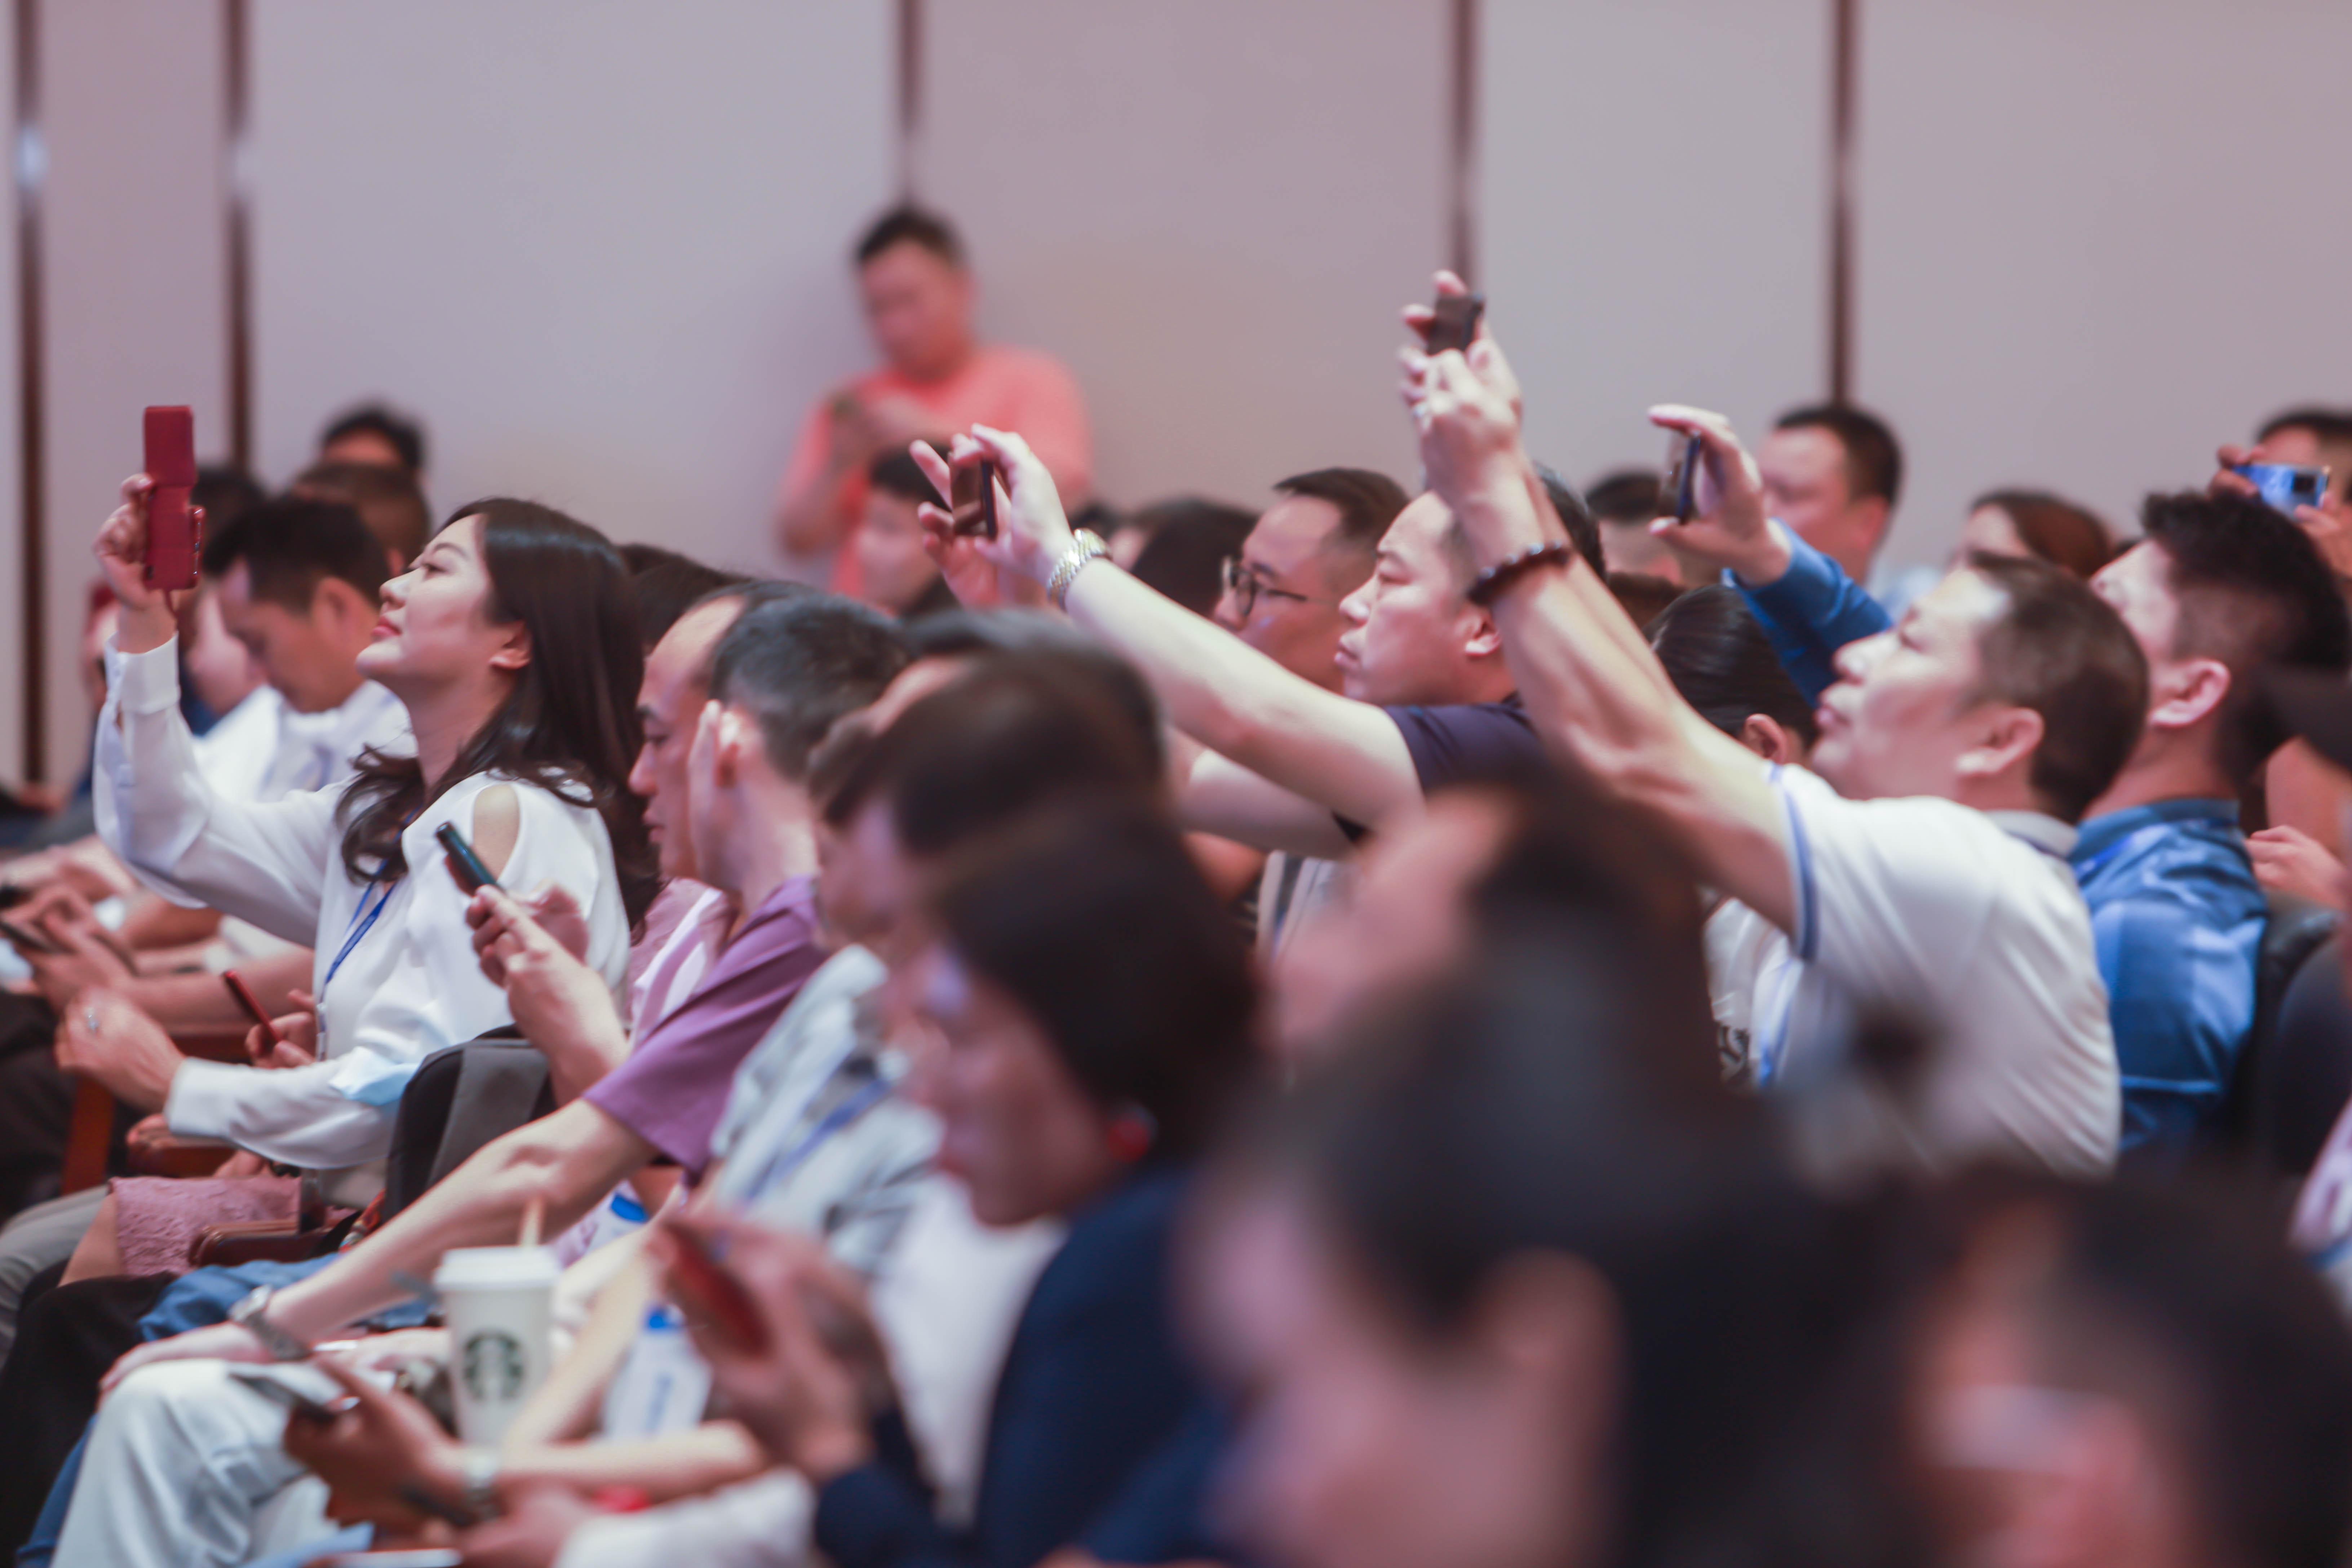 2021软云存储赋能实体经济产百度网盘同步盘业峰会举行-奇享网